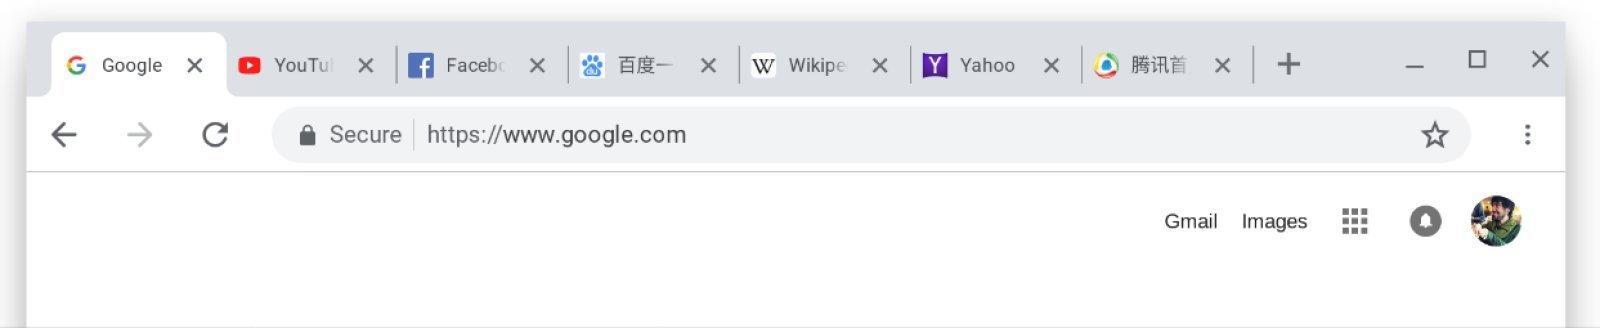 Chrome'un Yeni Tasarımı Bize Çok Yakın